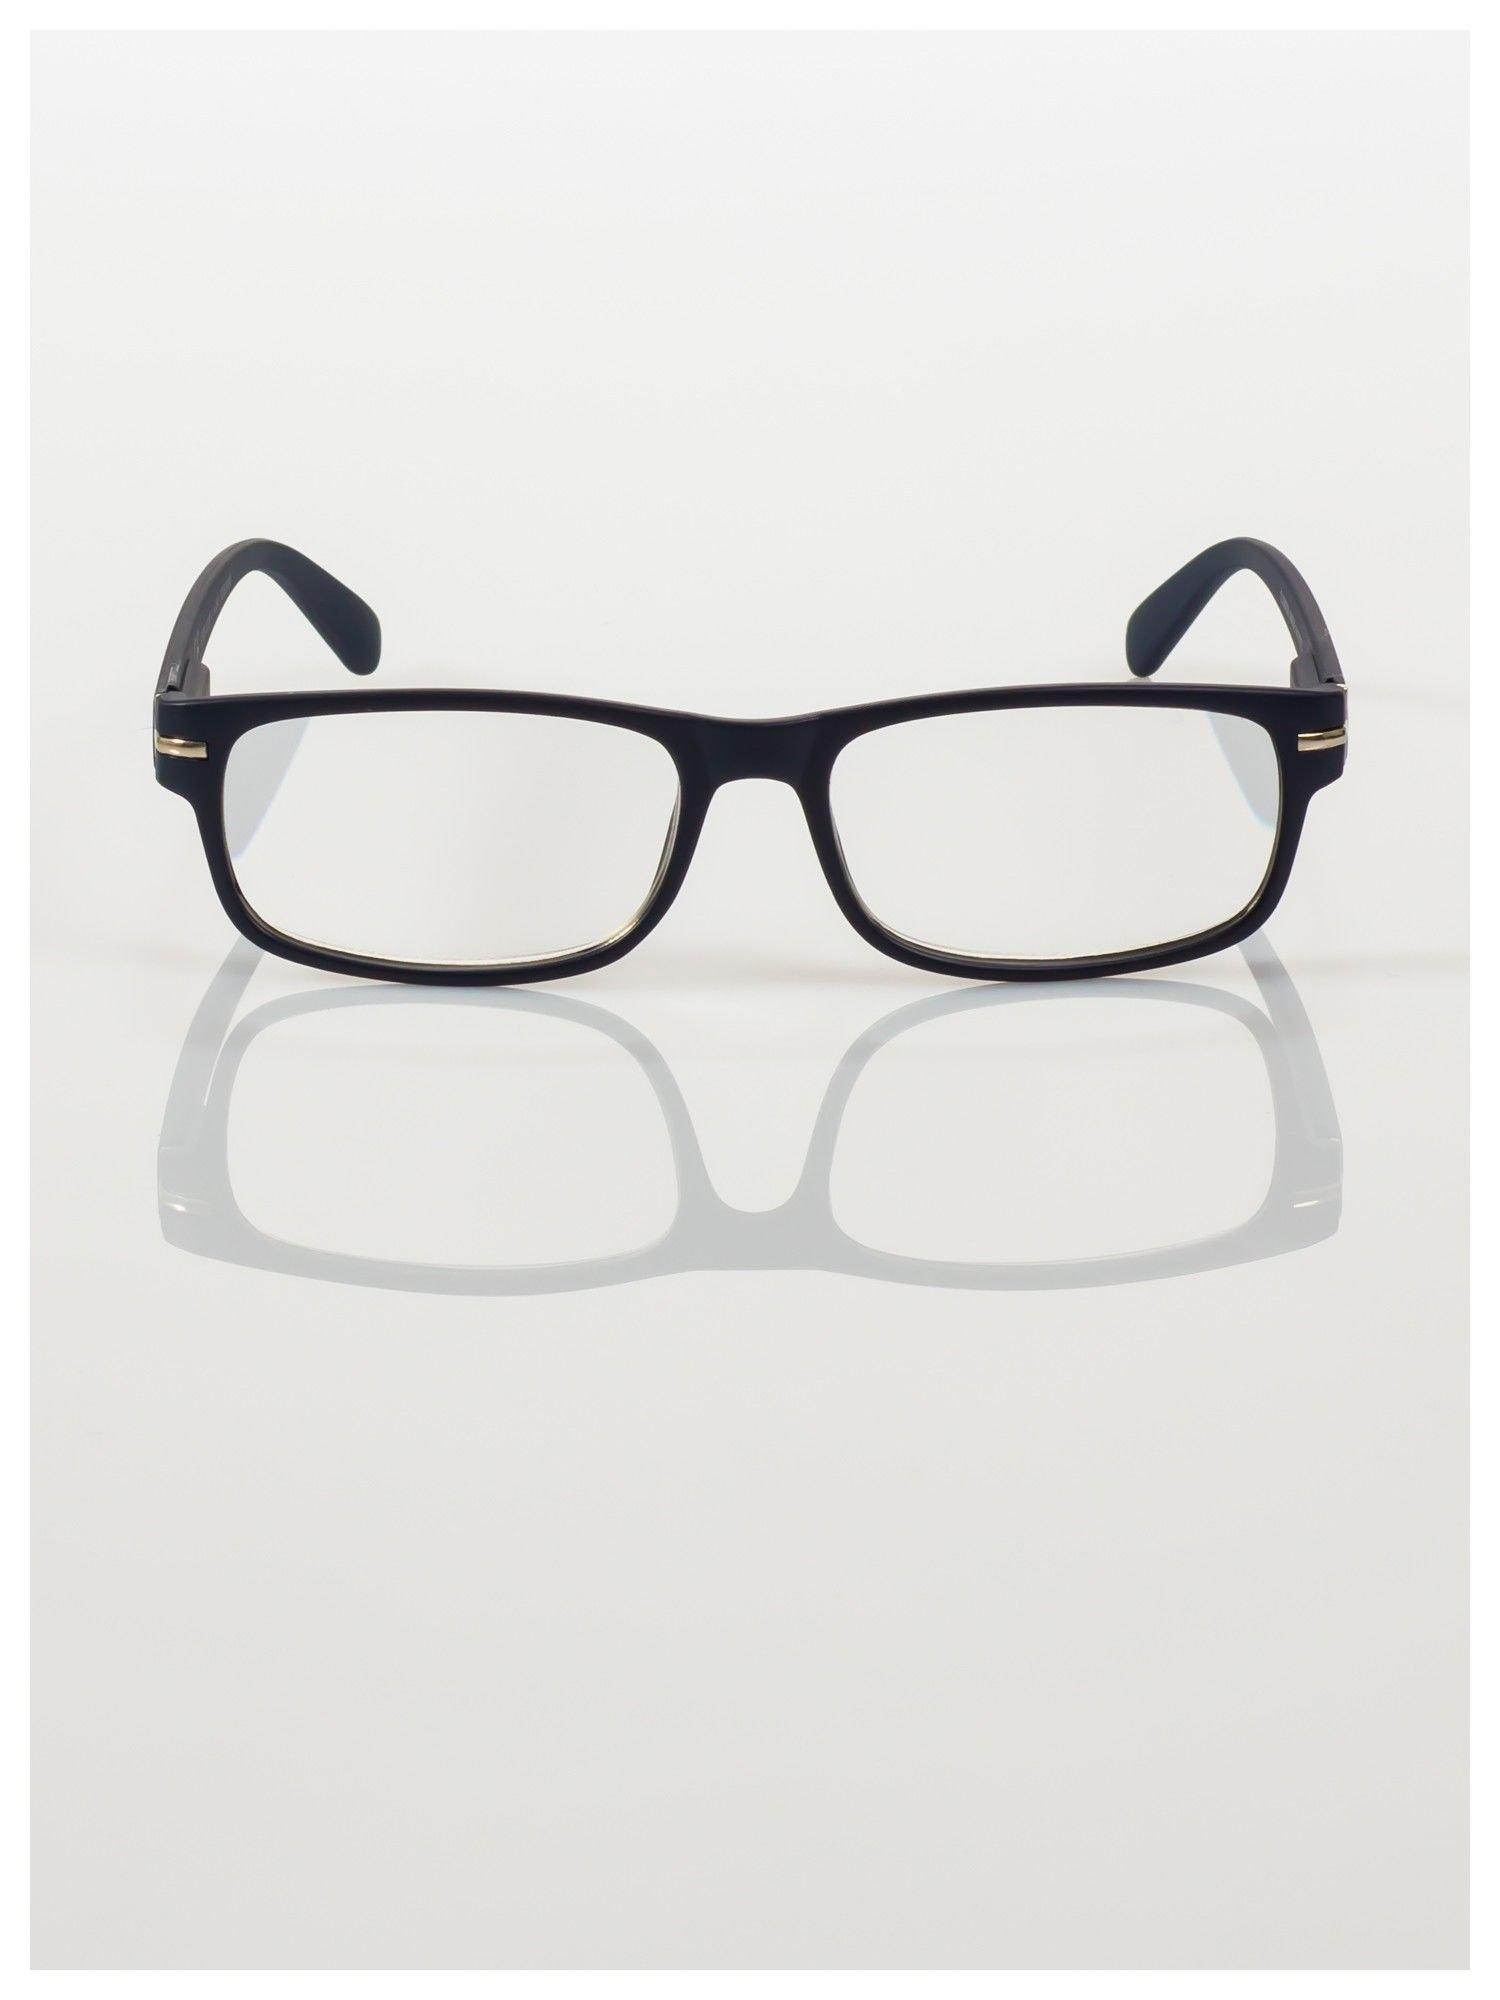 Eleganckie czarne matowe korekcyjne okulary do czytania +2.0 D  z sytemem FLEX na zausznikach                                  zdj.                                  2